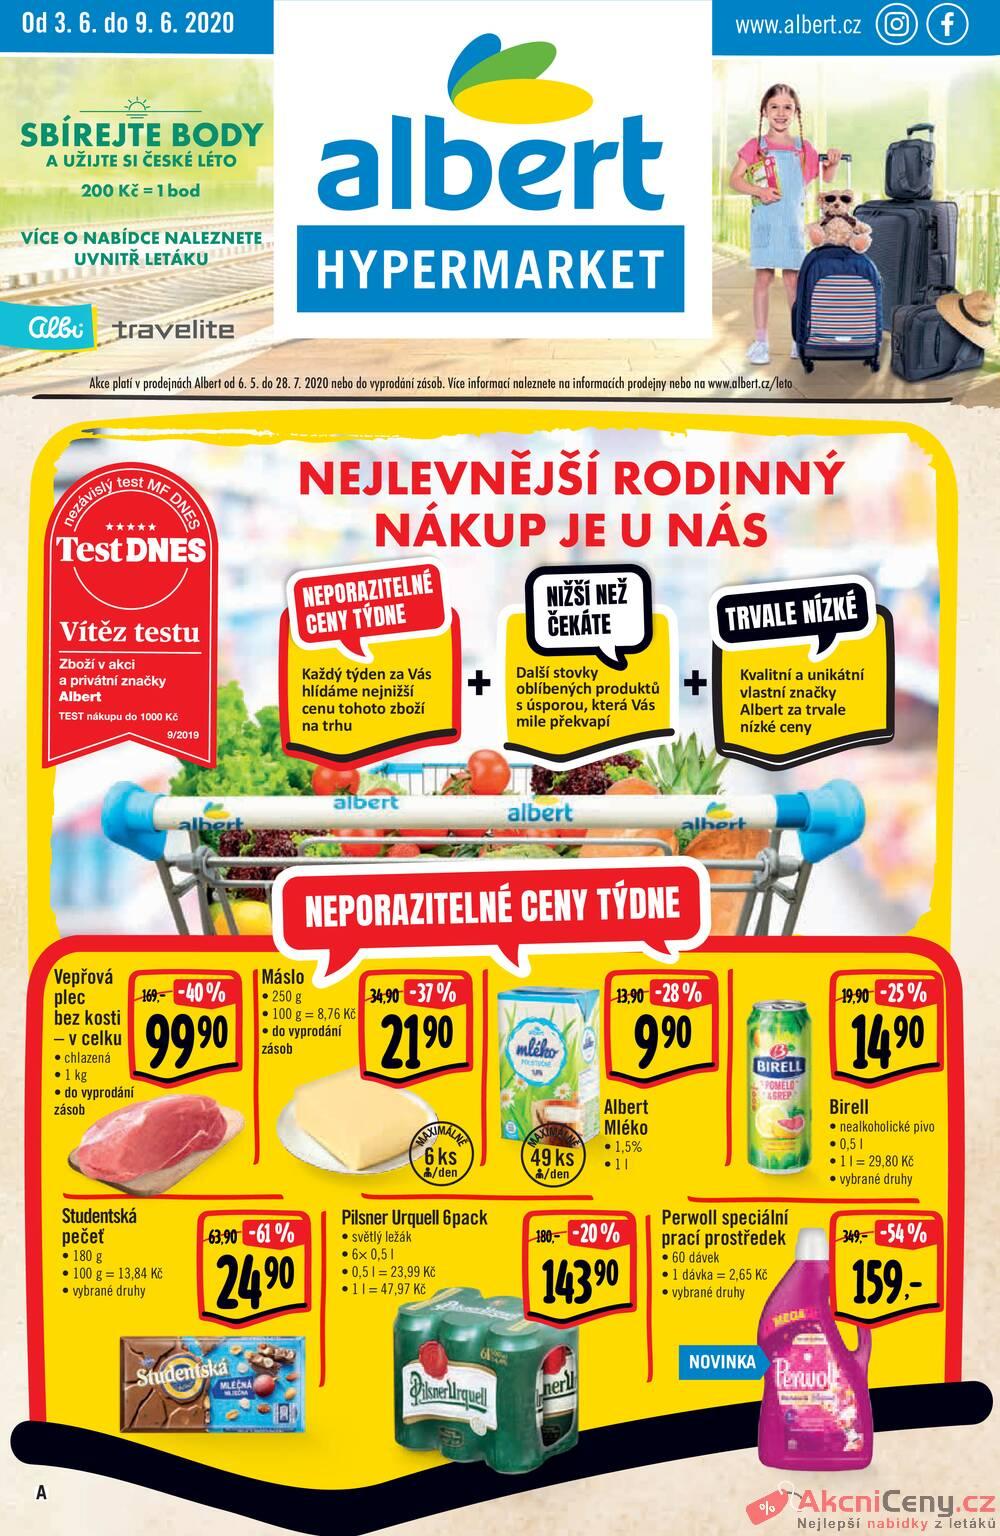 Albert  Hypermarket od 3.6. do 9.6.2020